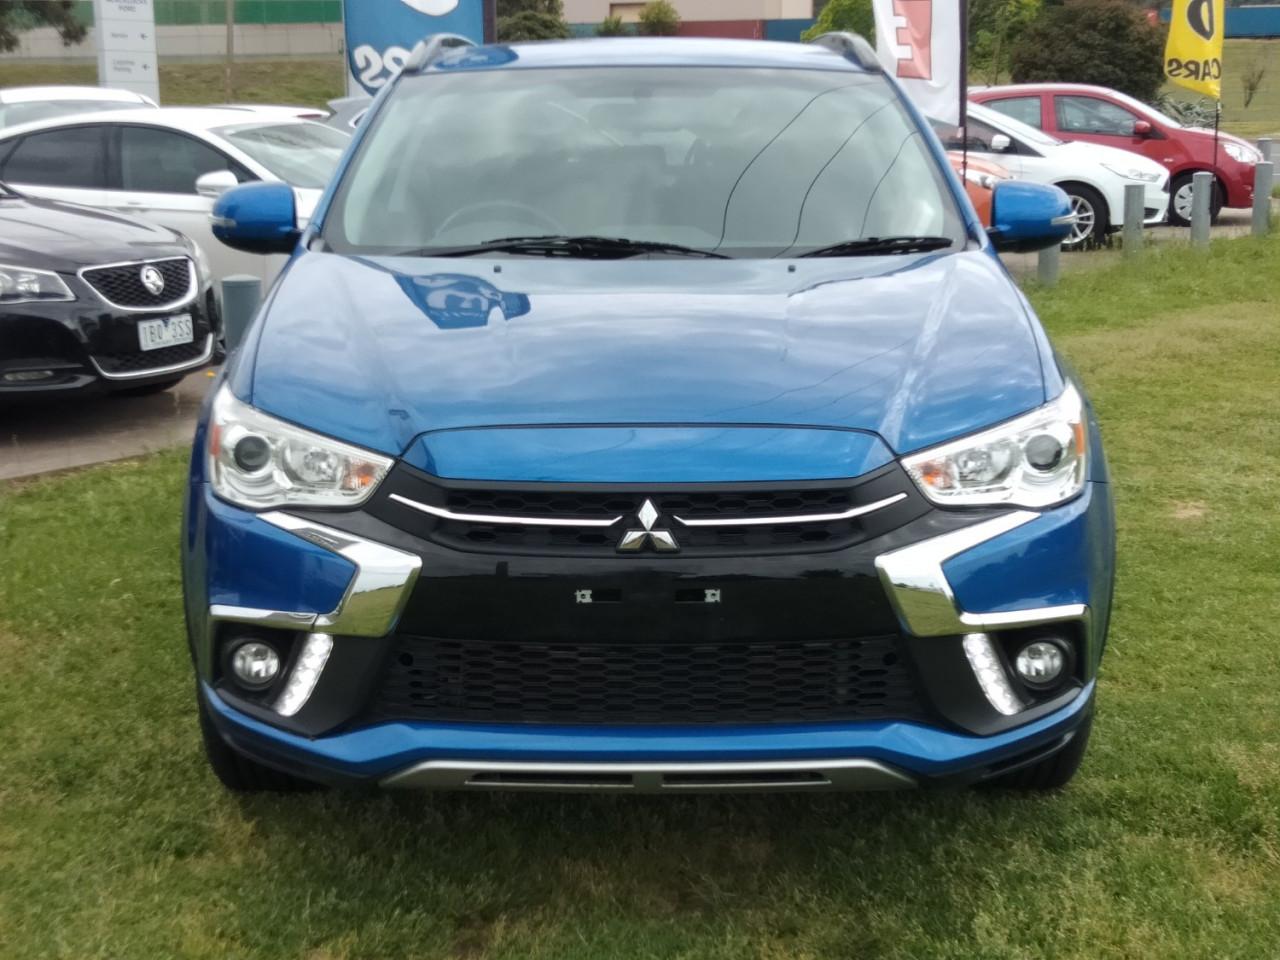 2017 MY18 Mitsubishi ASX XC MY18 LS Suv Image 8